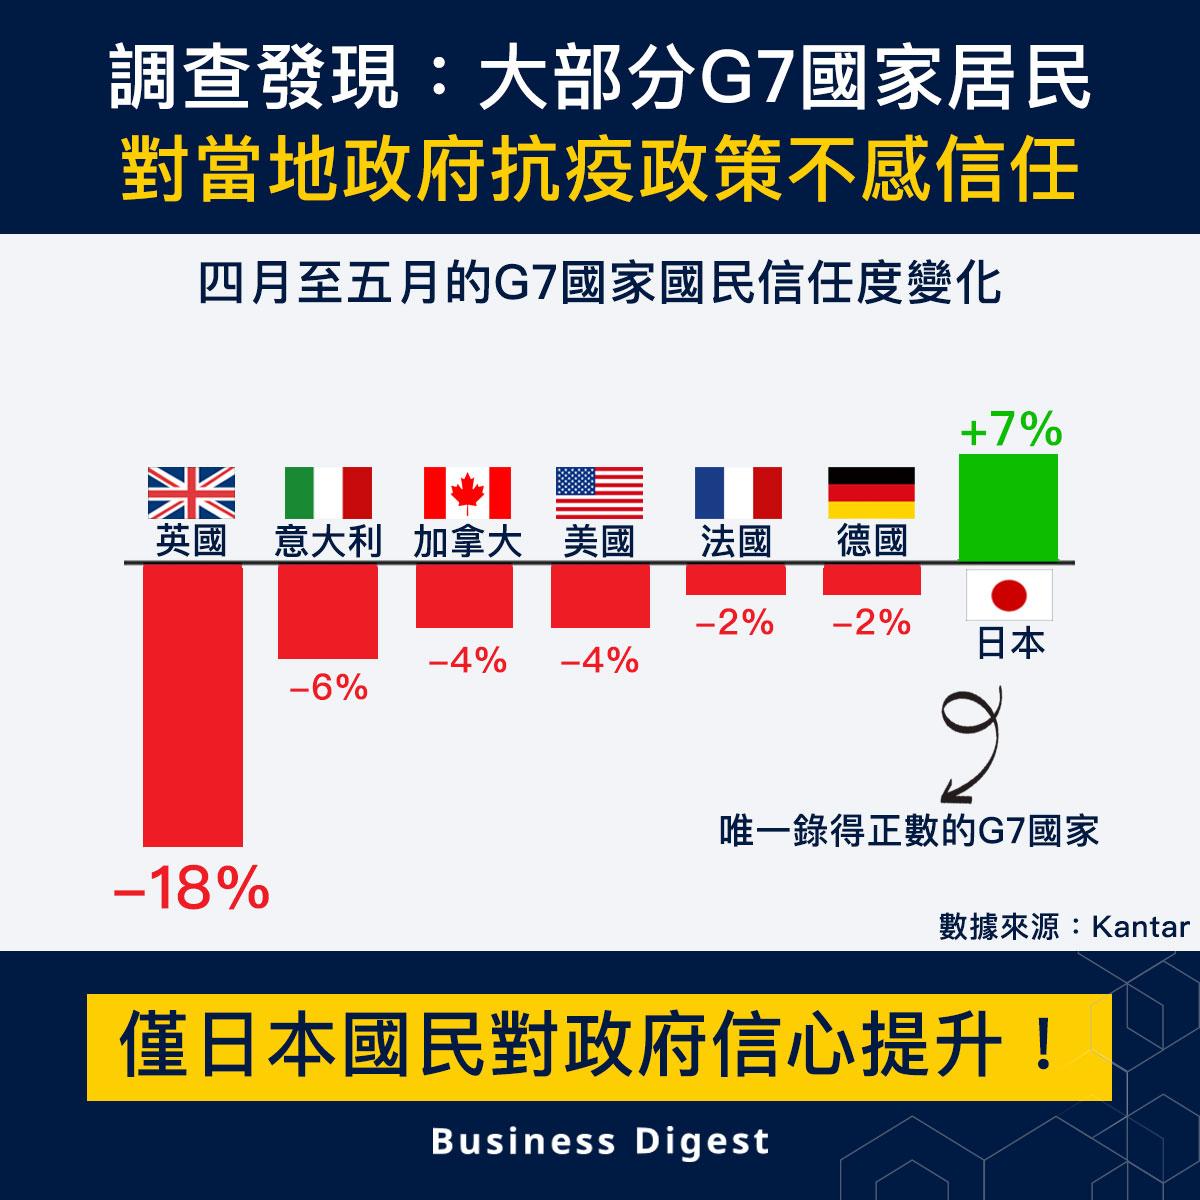 【從數據認識經濟】調查發現:大部分G7國家居民對當地政府抗疫政策不感信任